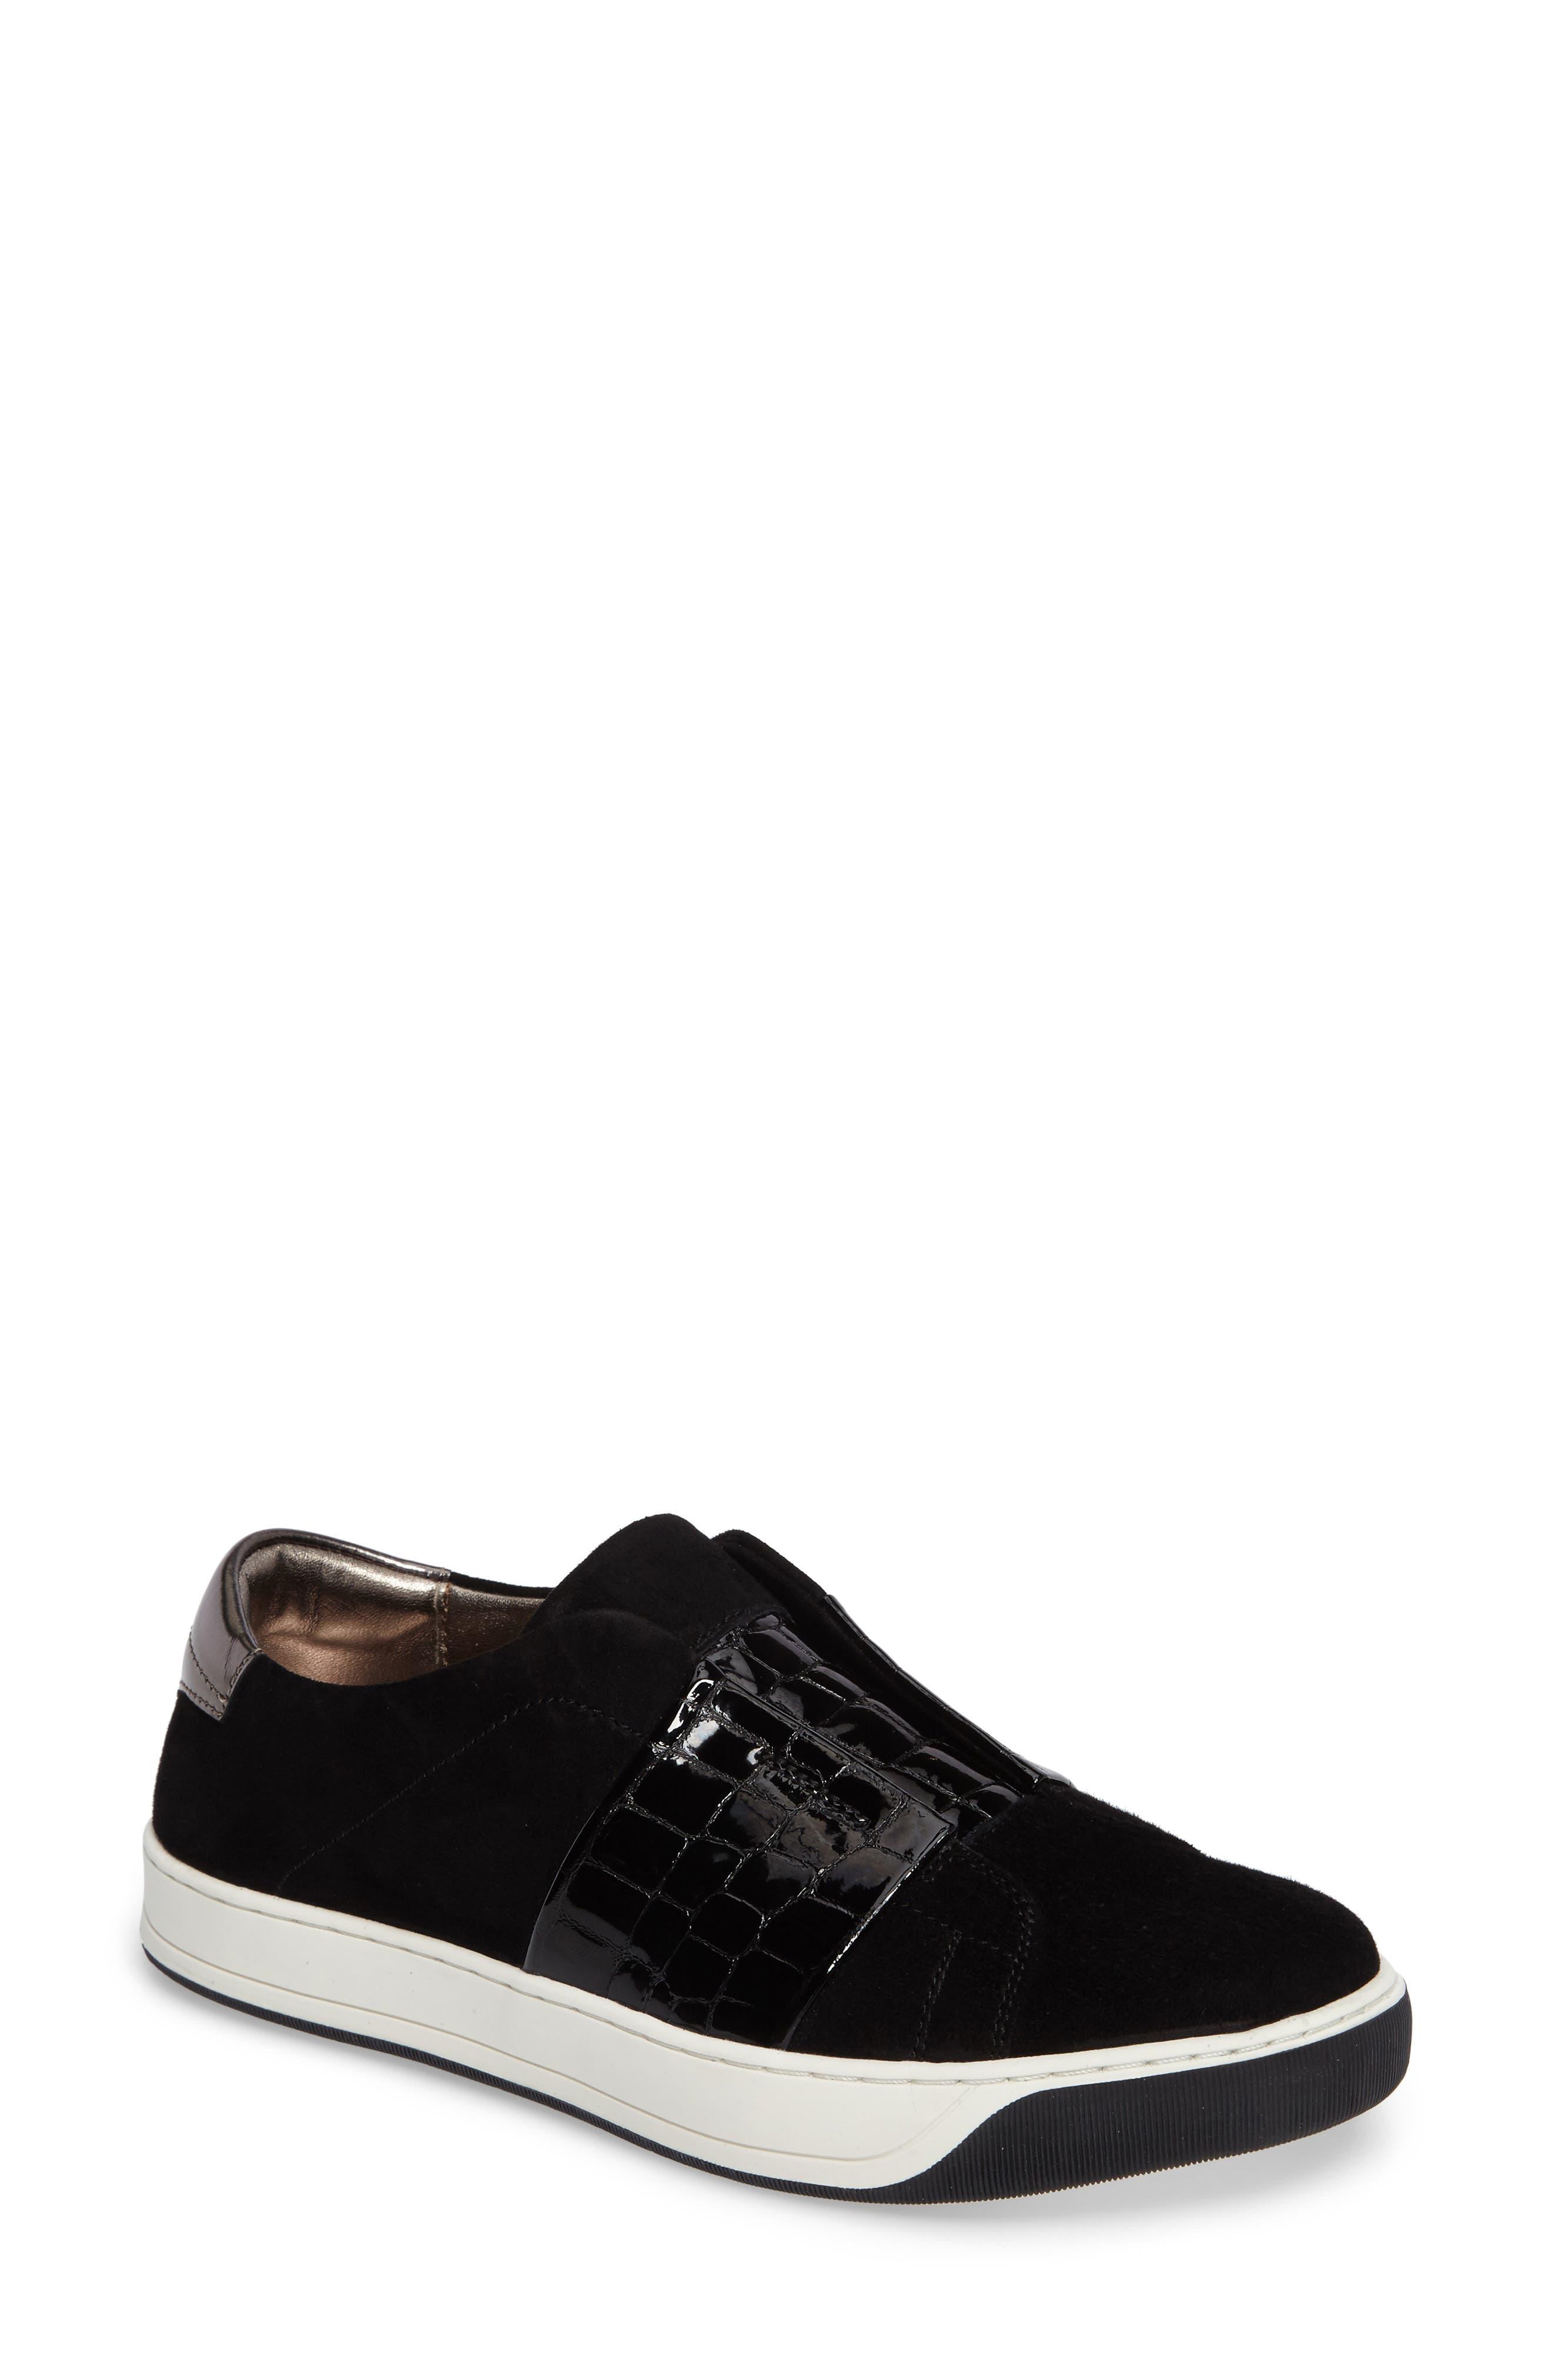 Eden Slip-On Sneaker,                         Main,                         color, Black Suede